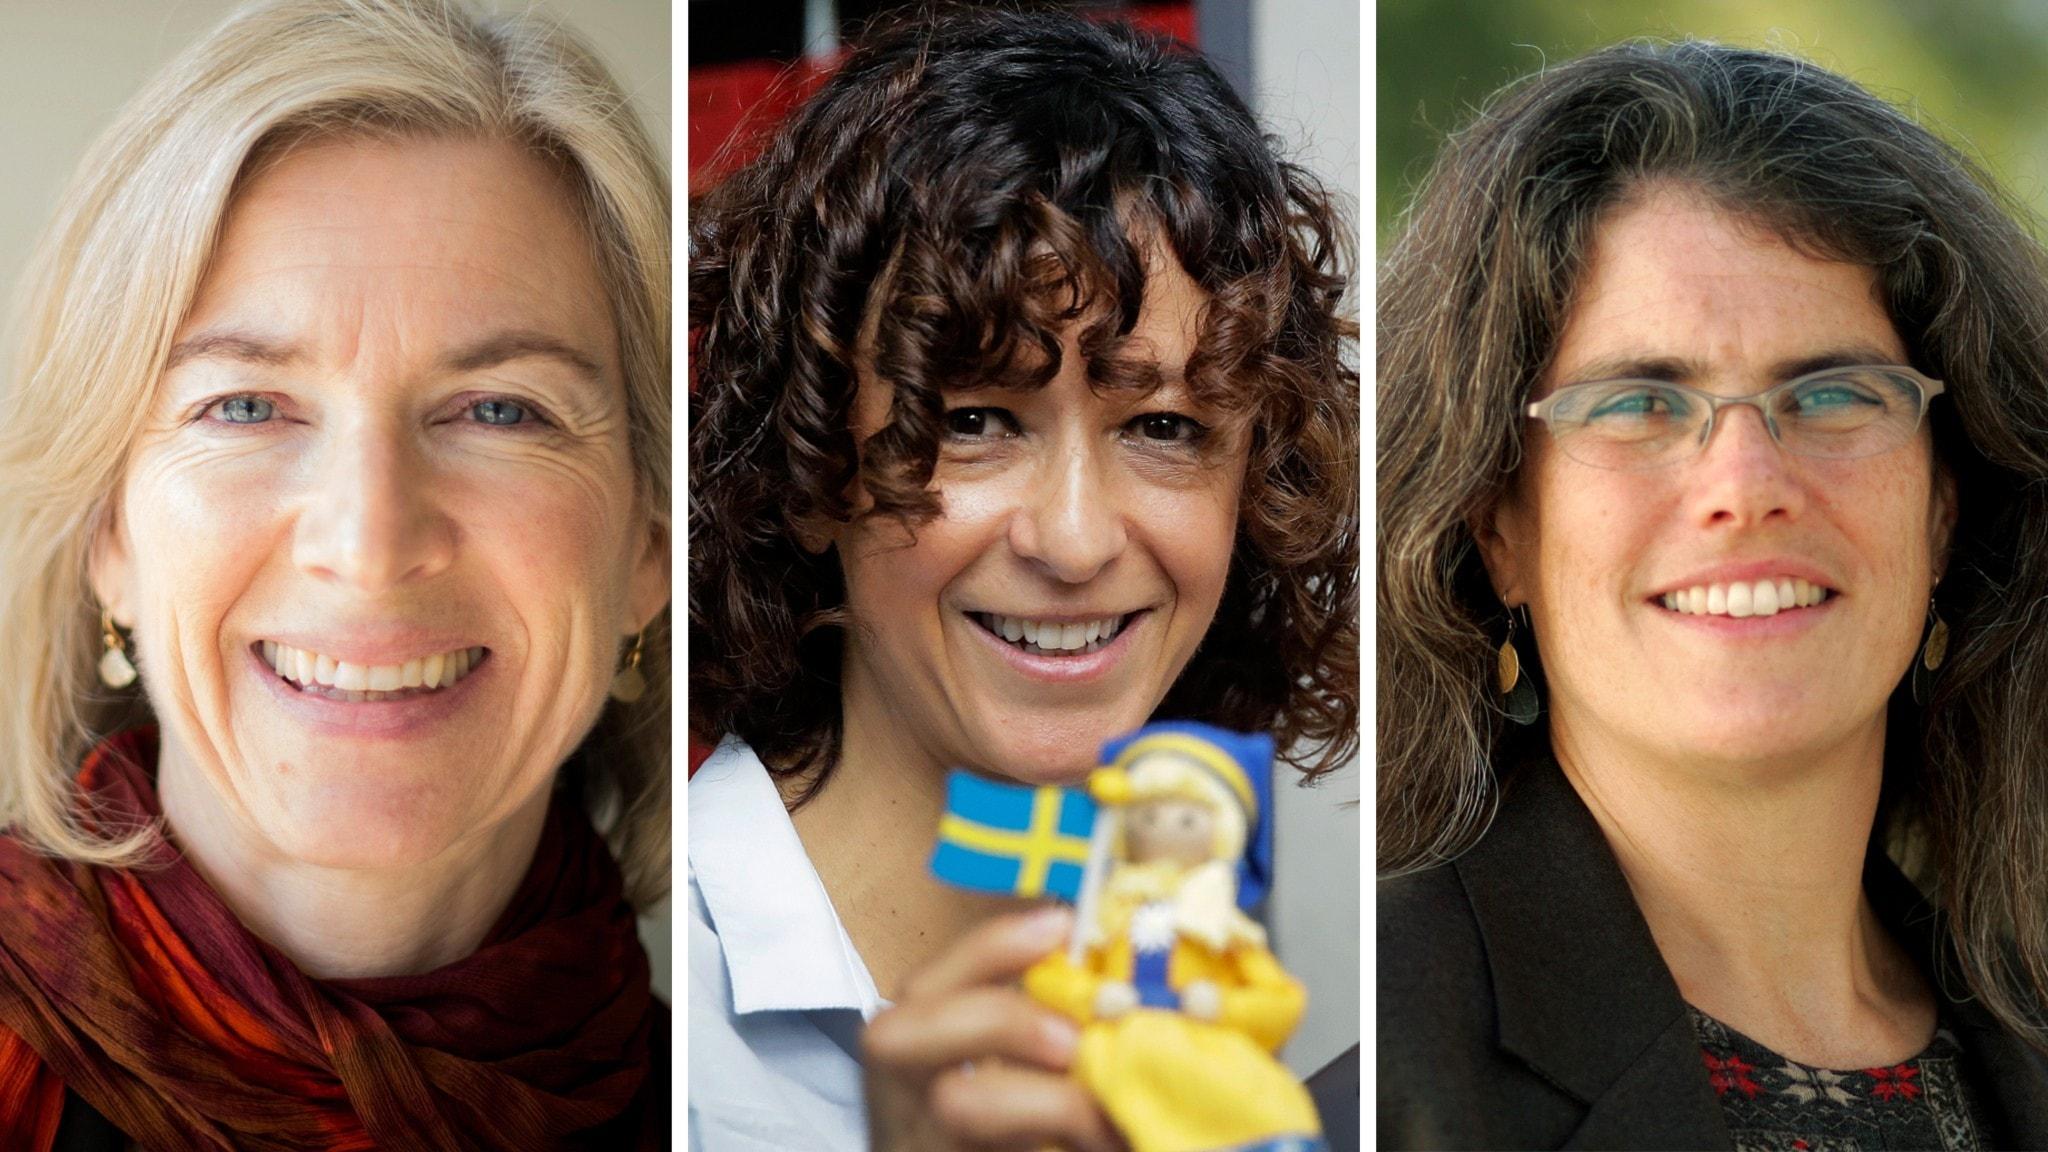 Närbilder av Jennifer Doudna, Emmanuel Charpentier och Andrea Ghez.